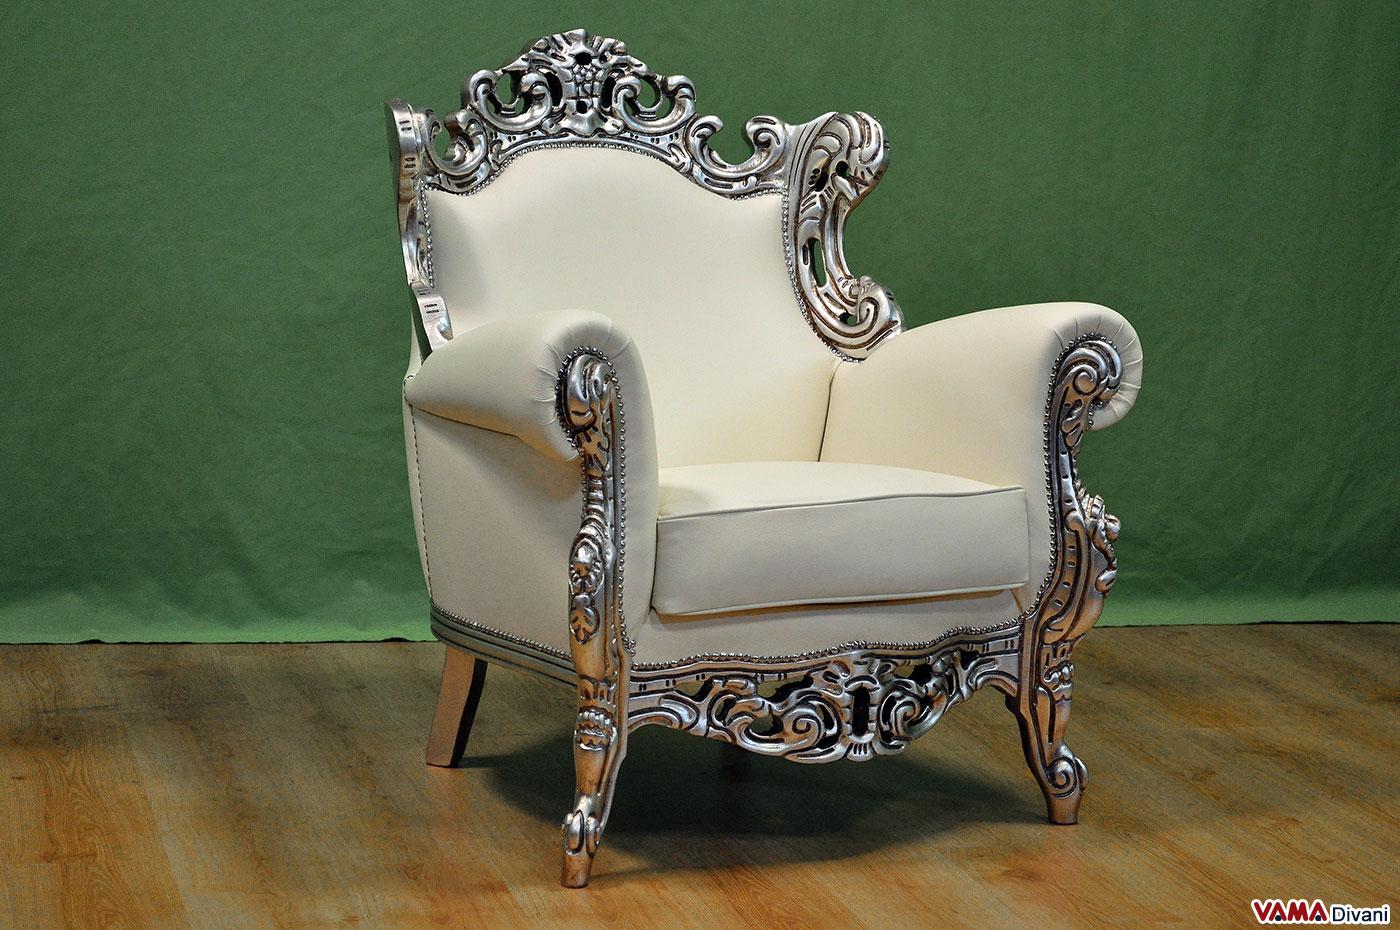 Poltrona barocco in pelle bianca e cornice in foglia argento - Poltrona camera da letto ...